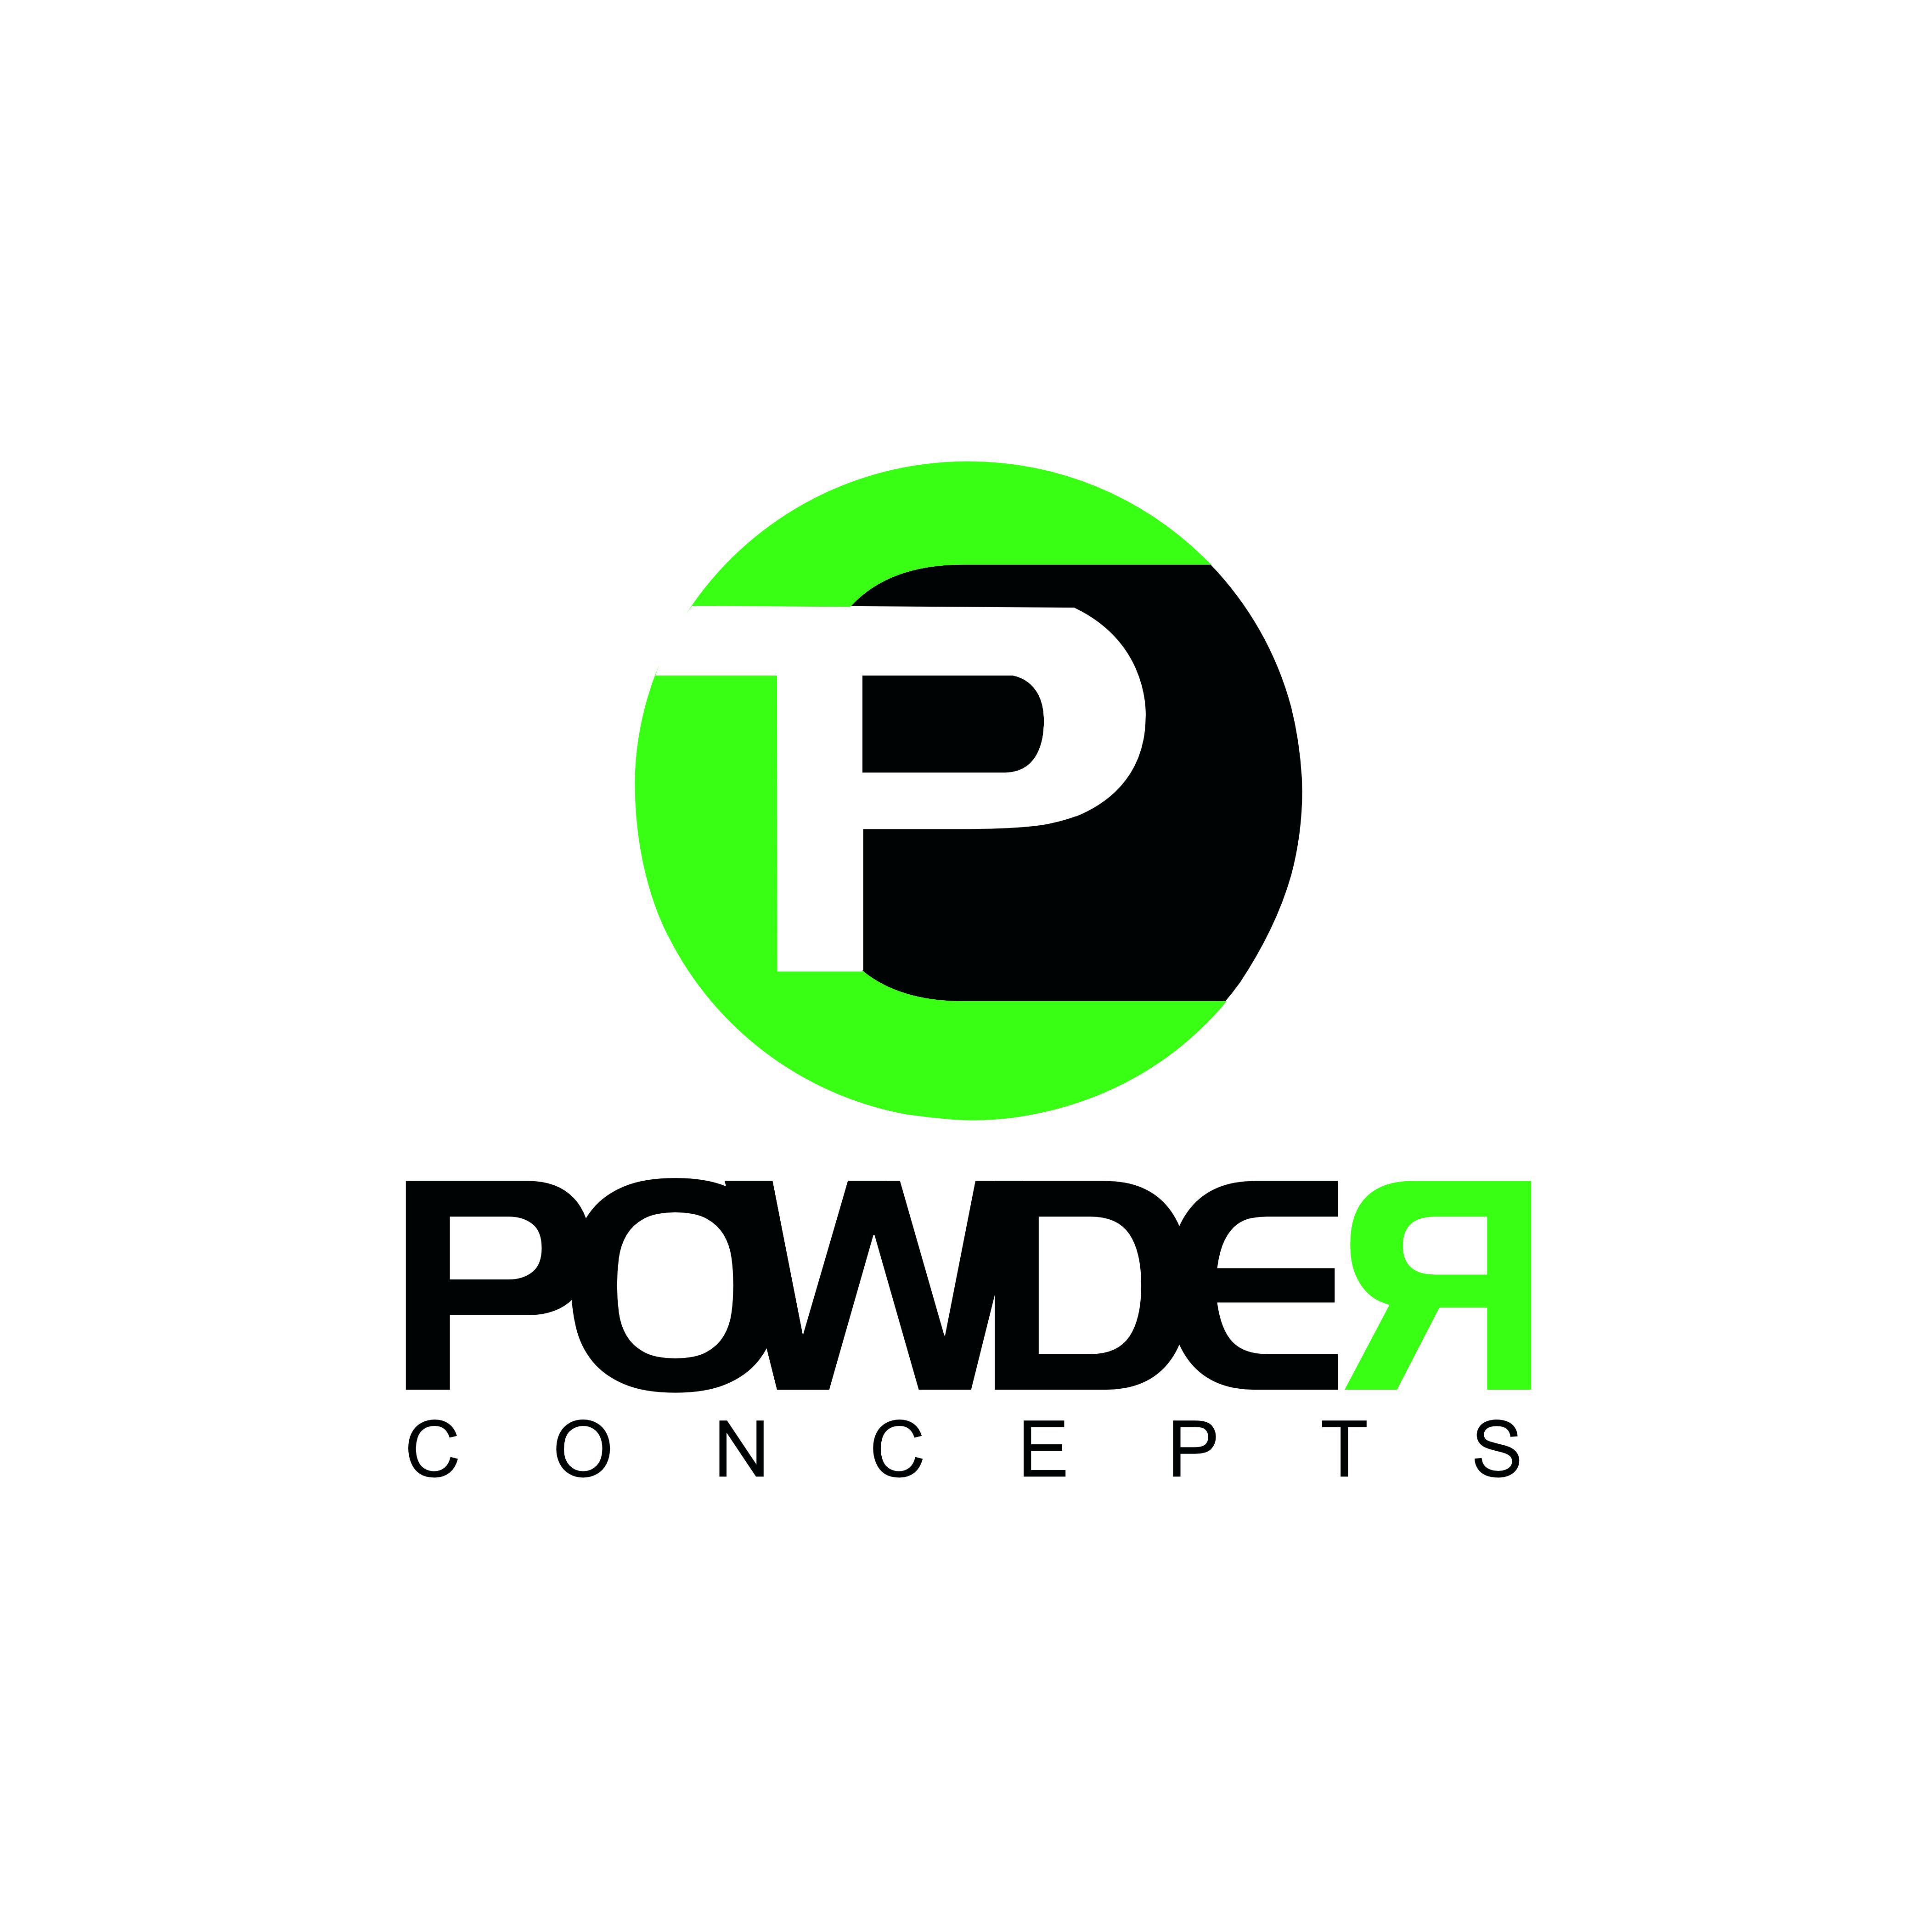 Powder Concepts - Colorado Springs, CO 80915 - (719)344-9306   ShowMeLocal.com